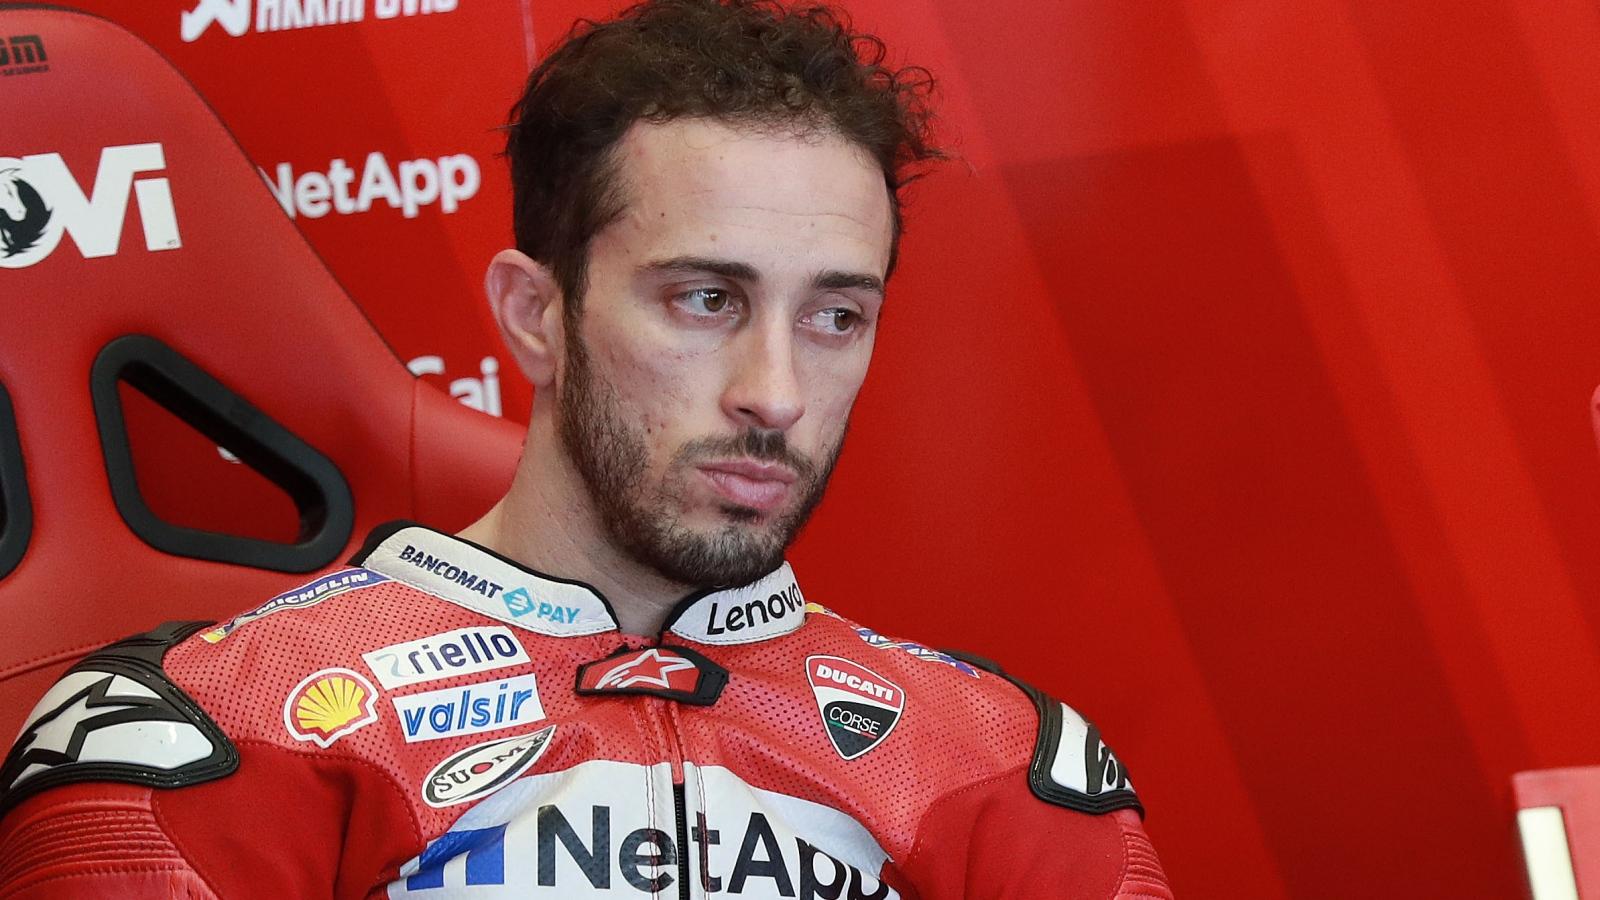 Andrea Dovizioso se fractura la clavícula y pone en peligro su histórico récord en MotoGP